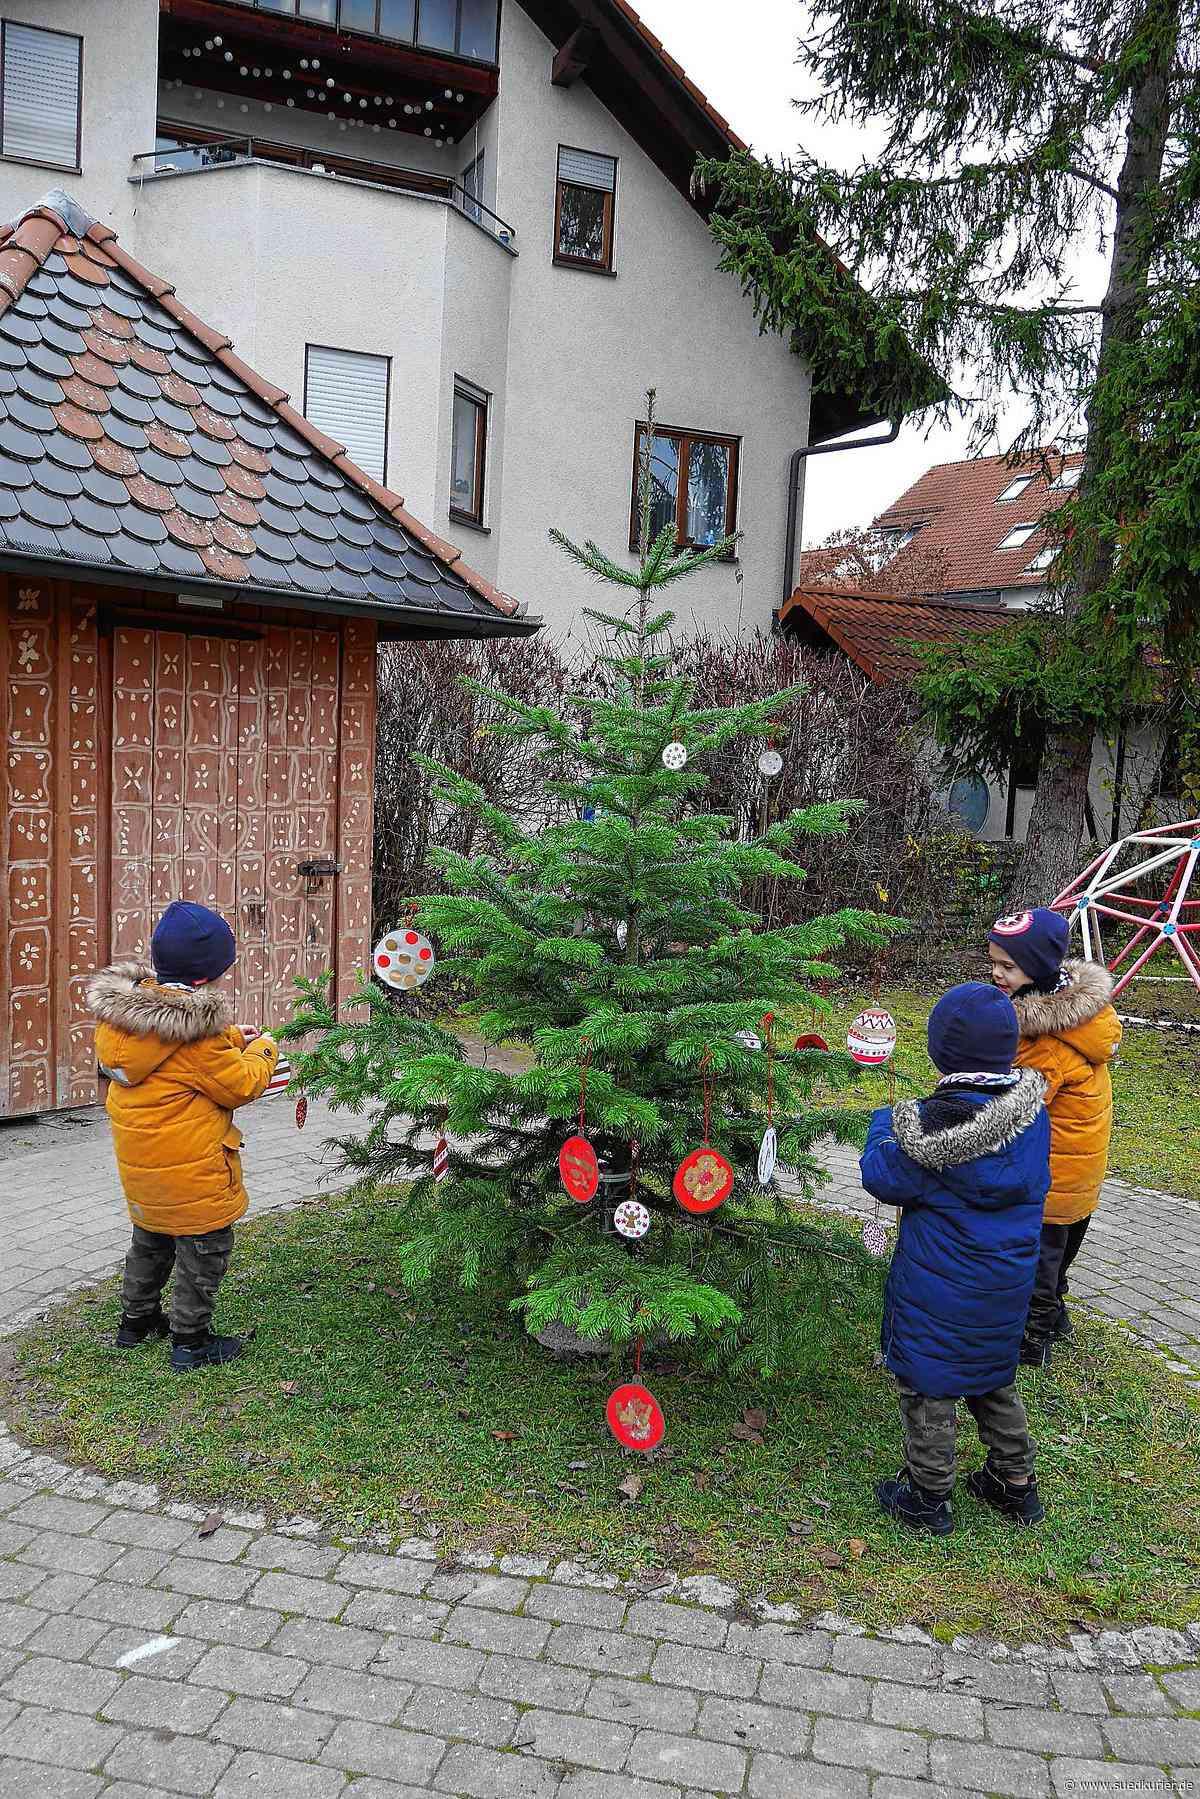 Friedrichshafen: Kontroverse um Elternabende: Wo sie trotz Corona stattfinden und welche Kitas in Friedrichshafen darauf verzichten - SÜDKURIER Online